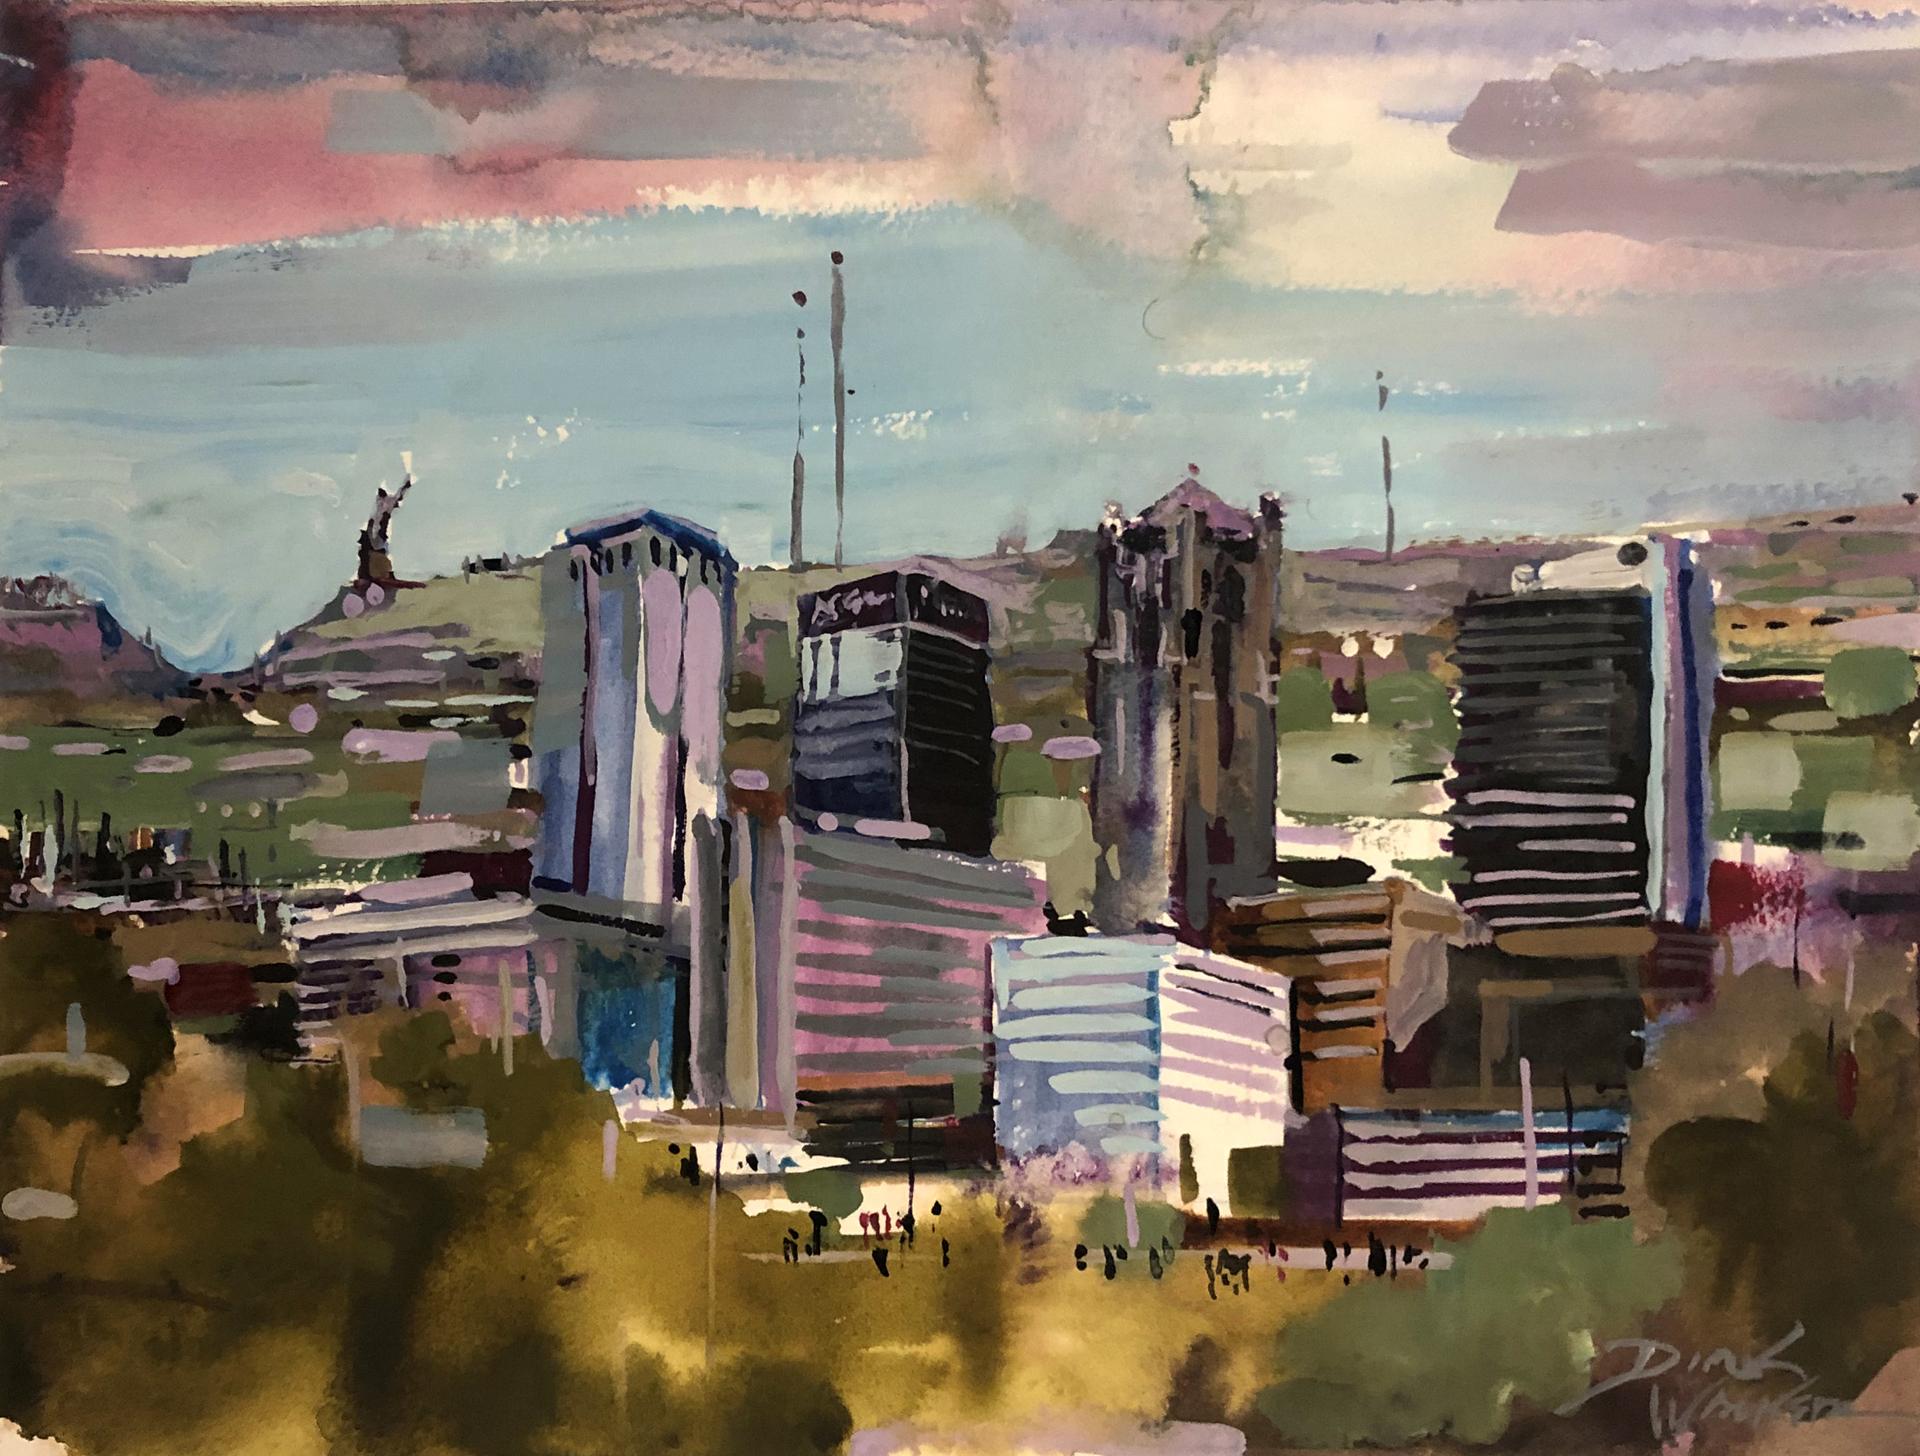 Birmingham's Financial District by Dirk Walker